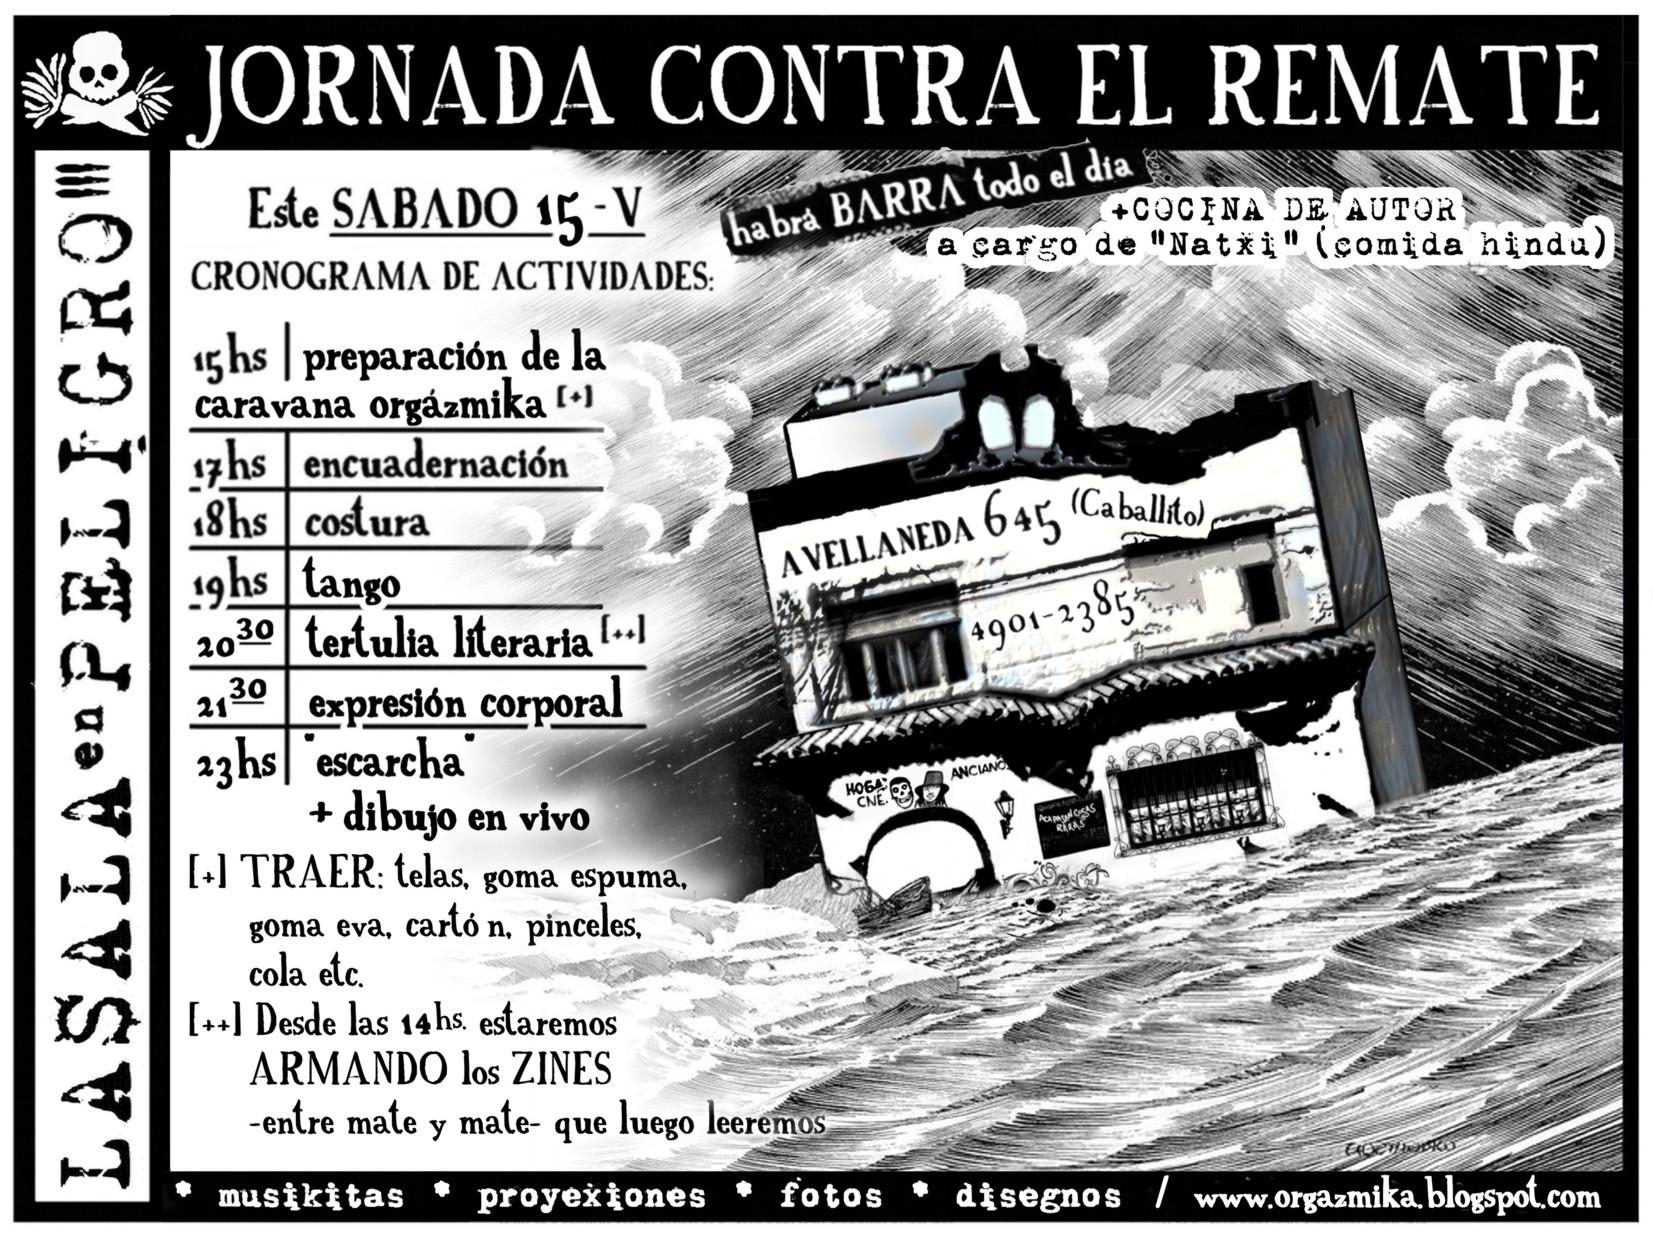 JORNADA CONTRA EL REMATE DE LA$ALA | SÁB-15-V